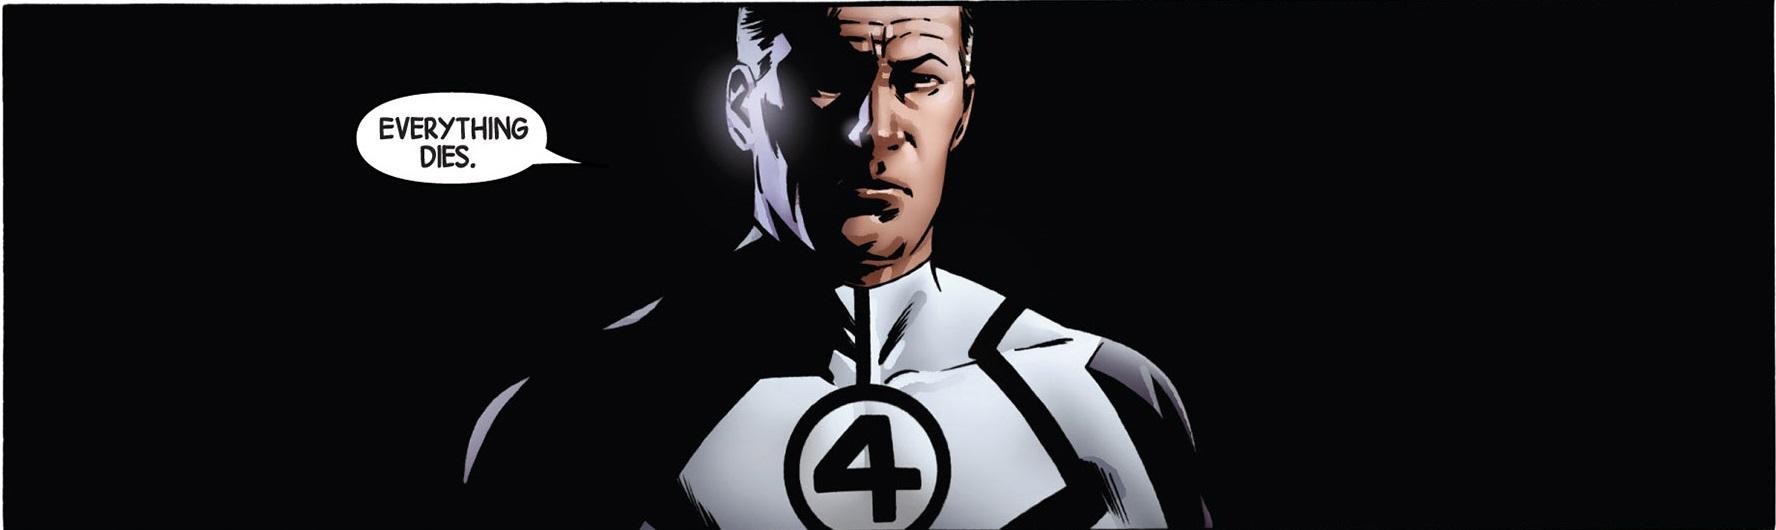 new_avengers_002-zone-010.jpg